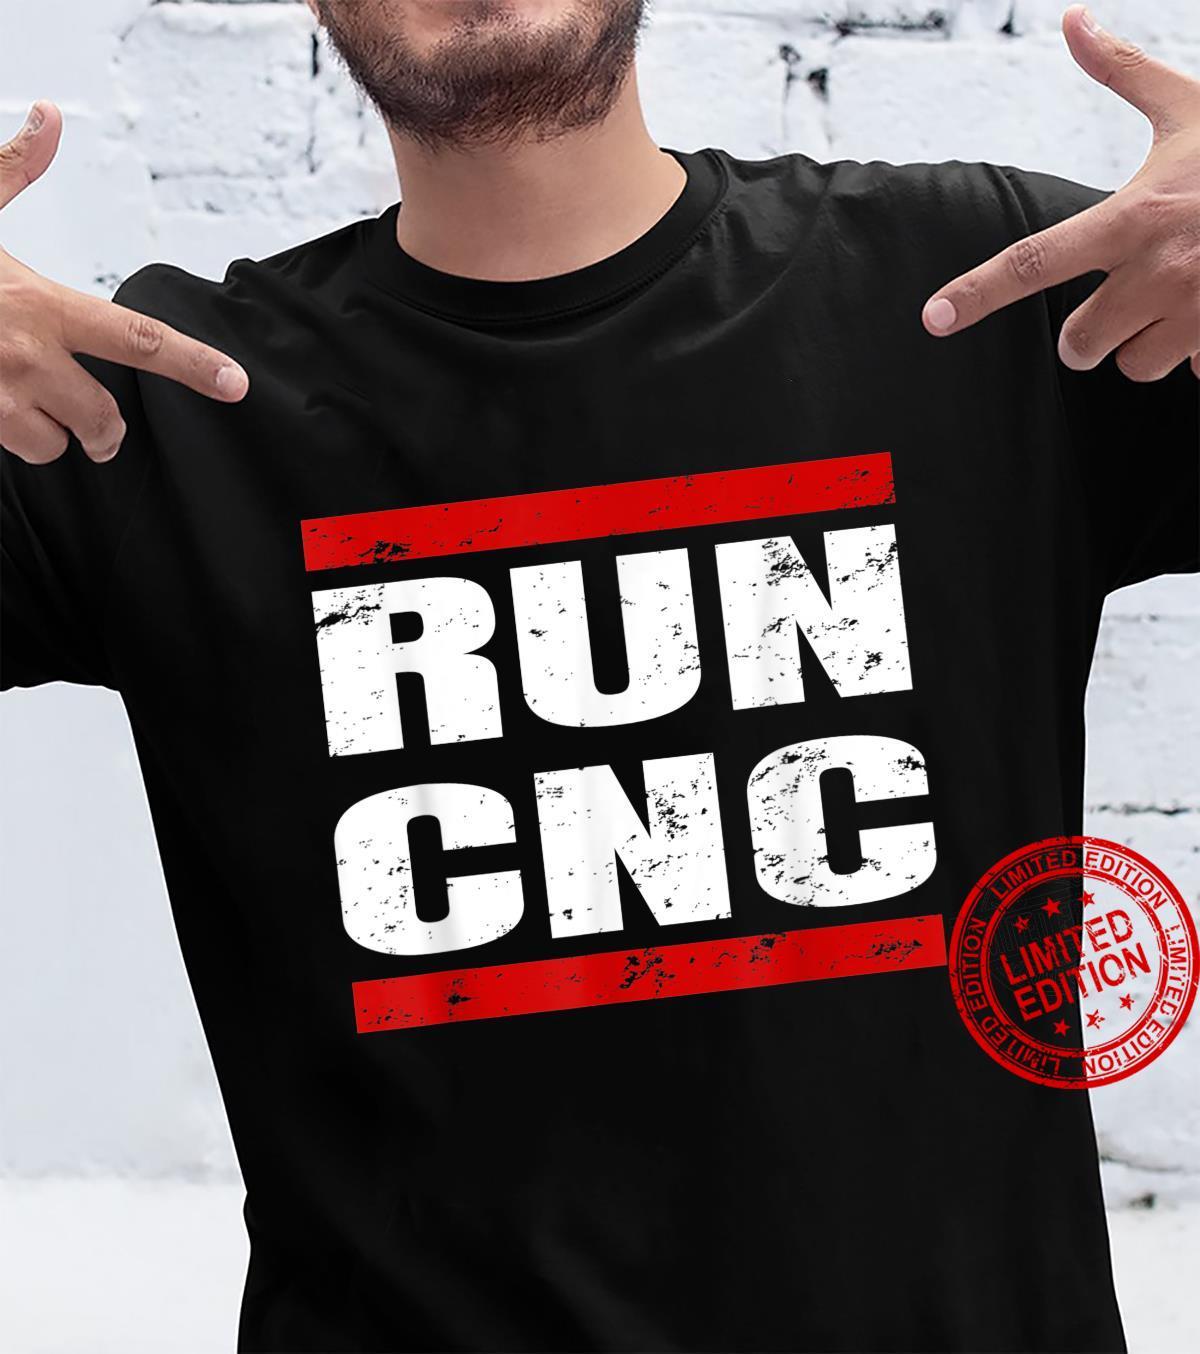 RUN CNC Zerspanungsmechaniker CNC Fräser Programmierer Shirt